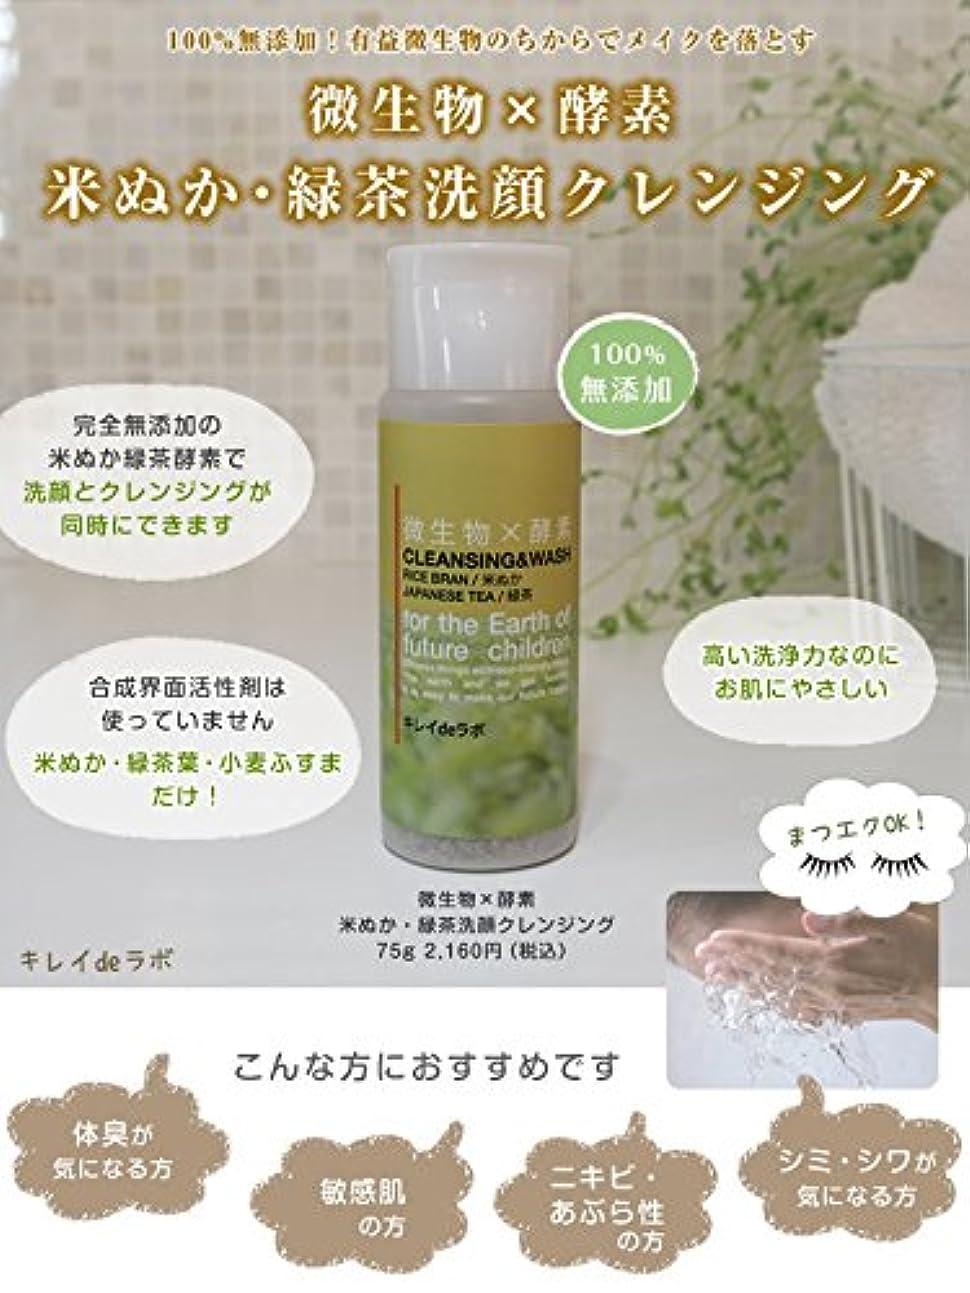 苦しみ贅沢なまあ微生物×酵素 米ぬか緑茶洗顔クレンジング100%無添加 マツエクOK … (本体 75g) みんなでみらいを 米ぬか使用